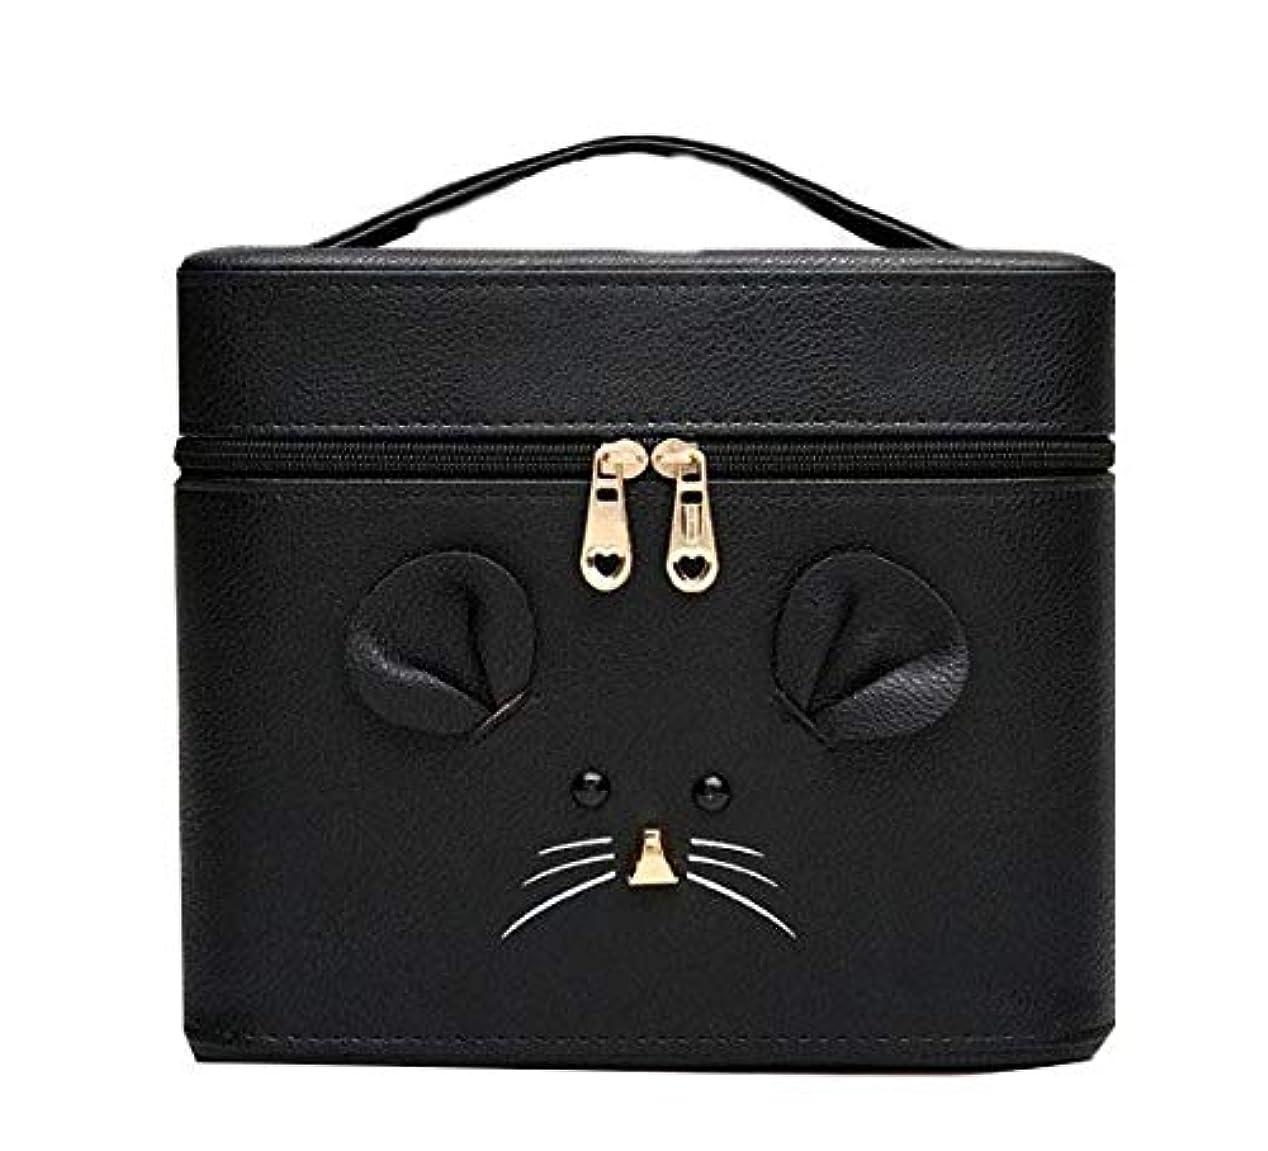 スコア配当疎外する化粧箱、黒漫画のマウス化粧ケース、ポータブル旅行化粧品ケース、美容ネイルジュエリー収納ボックス (Size : S)